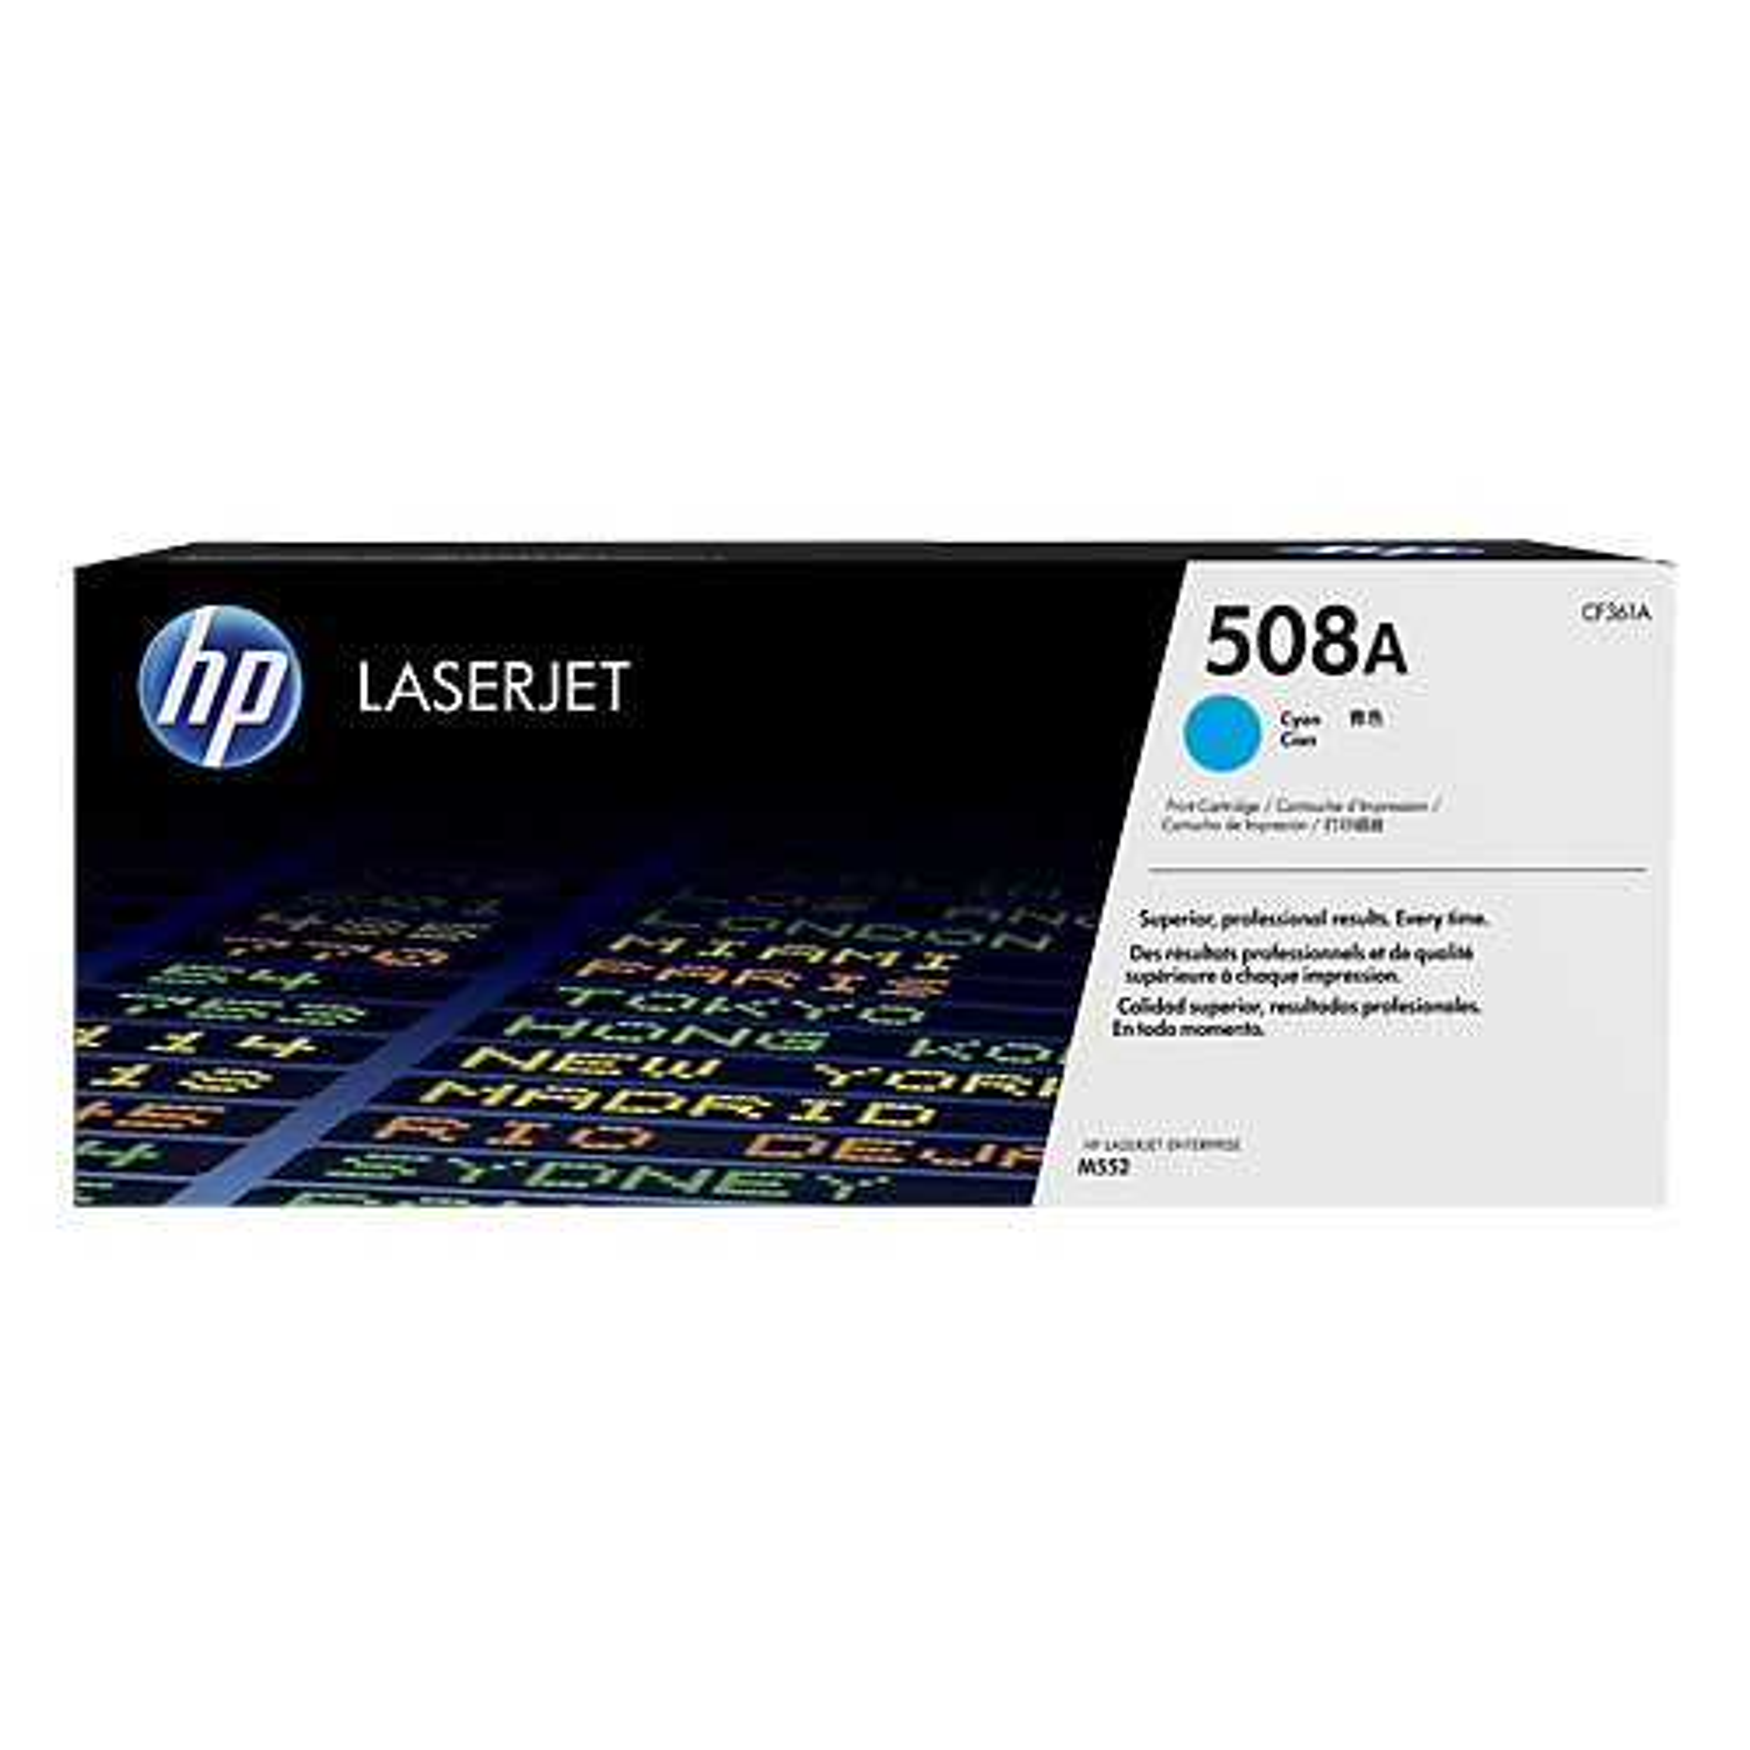 Hewlett Packard [HP] 508A LaserJet Toner Cartridge Page Life 5000pp Cyan Ref CF361A